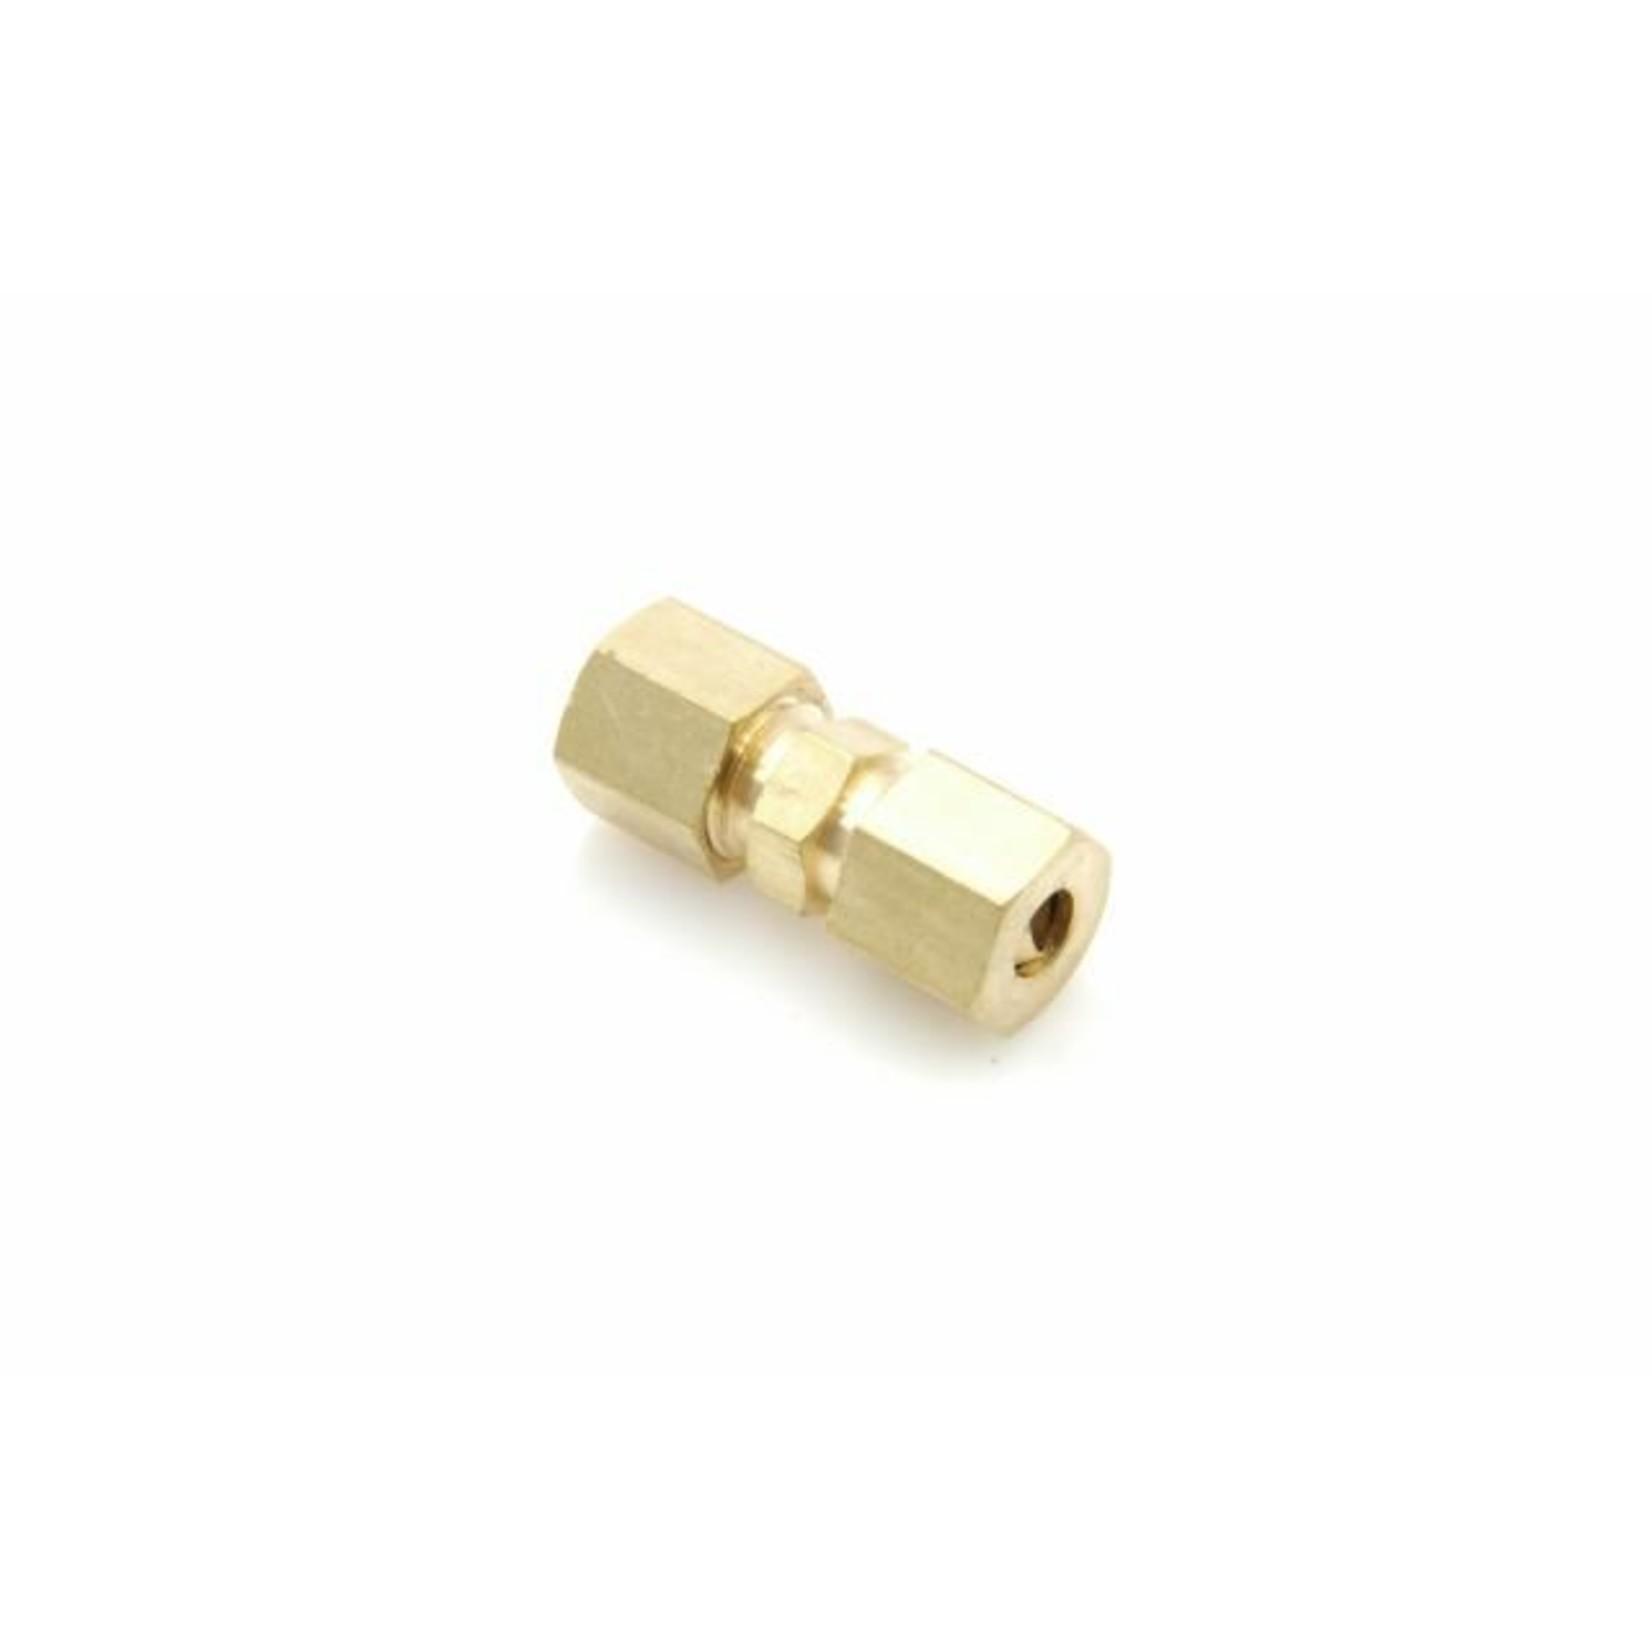 Knelkoppeling 4,5mm